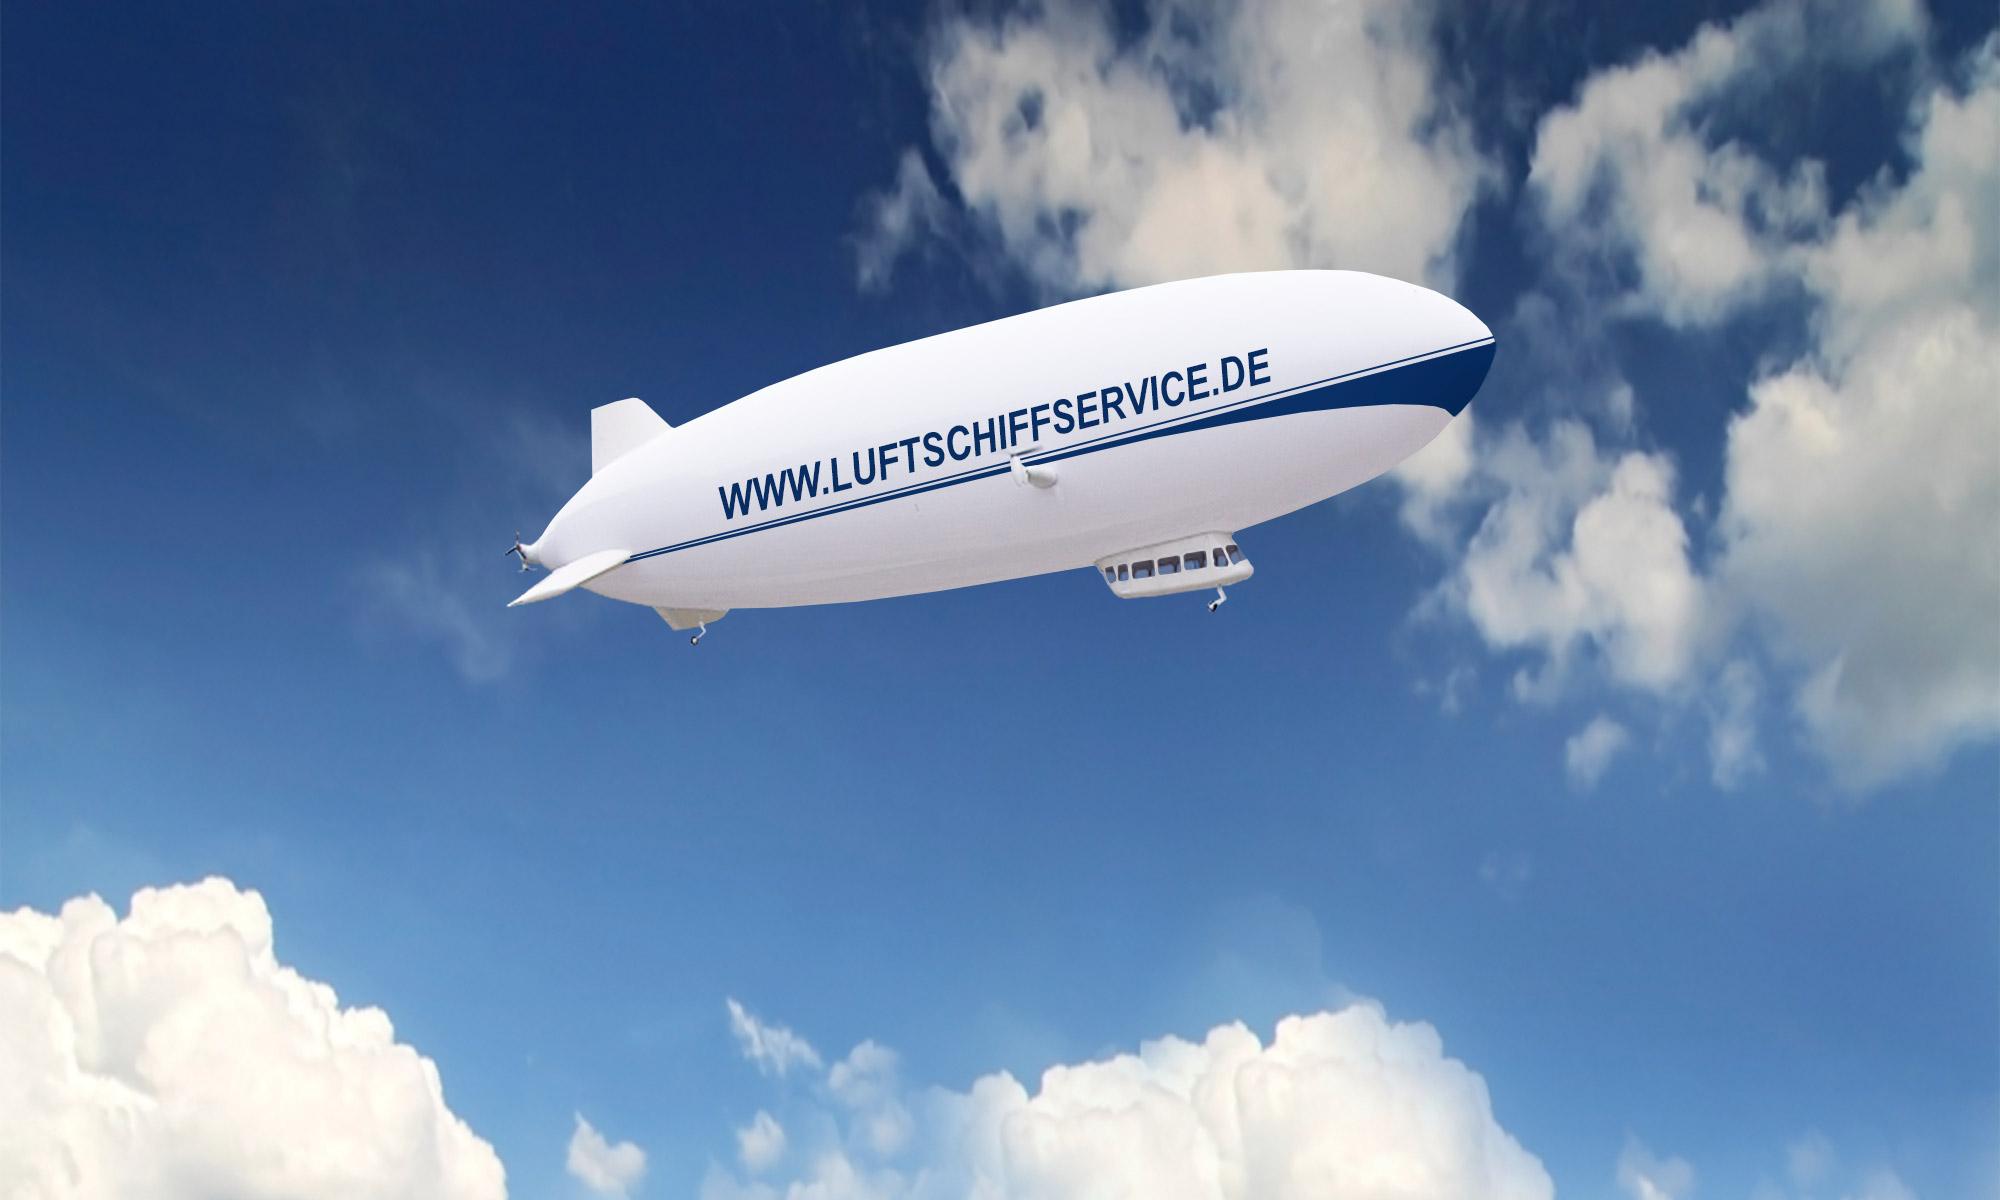 luftschiffservice